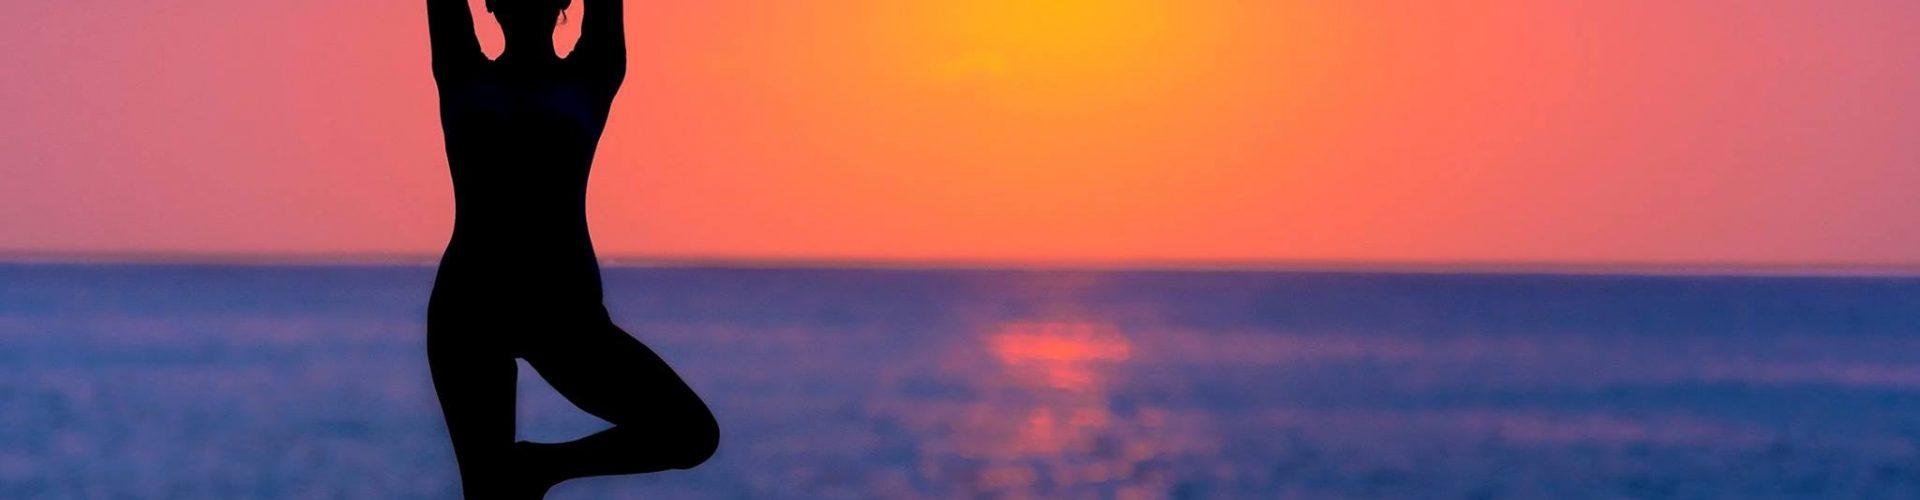 Woman doing a healing yoga pose